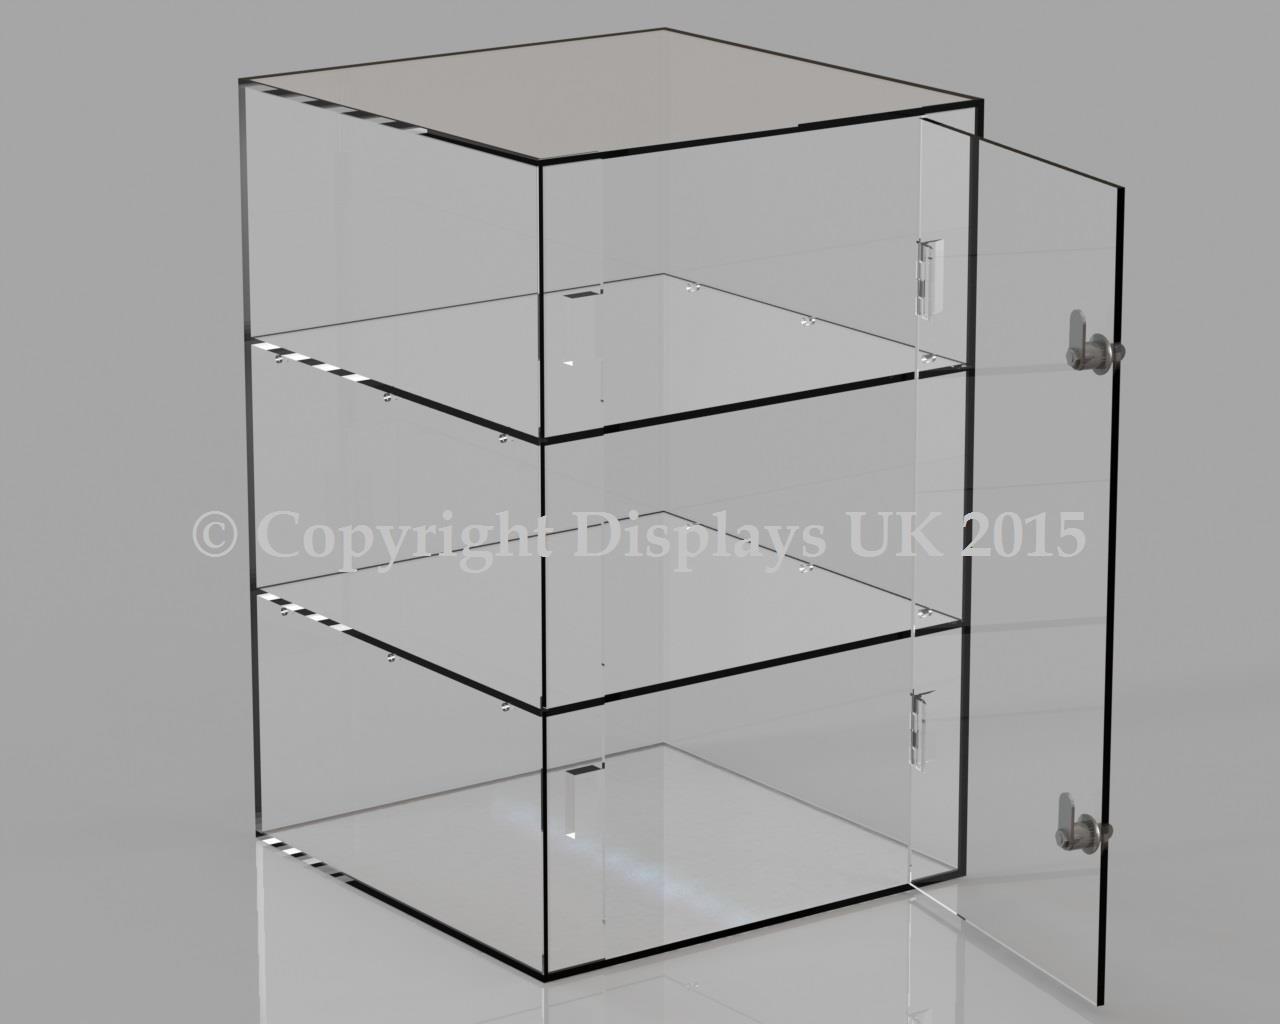 Acrylic Display Case - 2 Shelves - Lockable Door